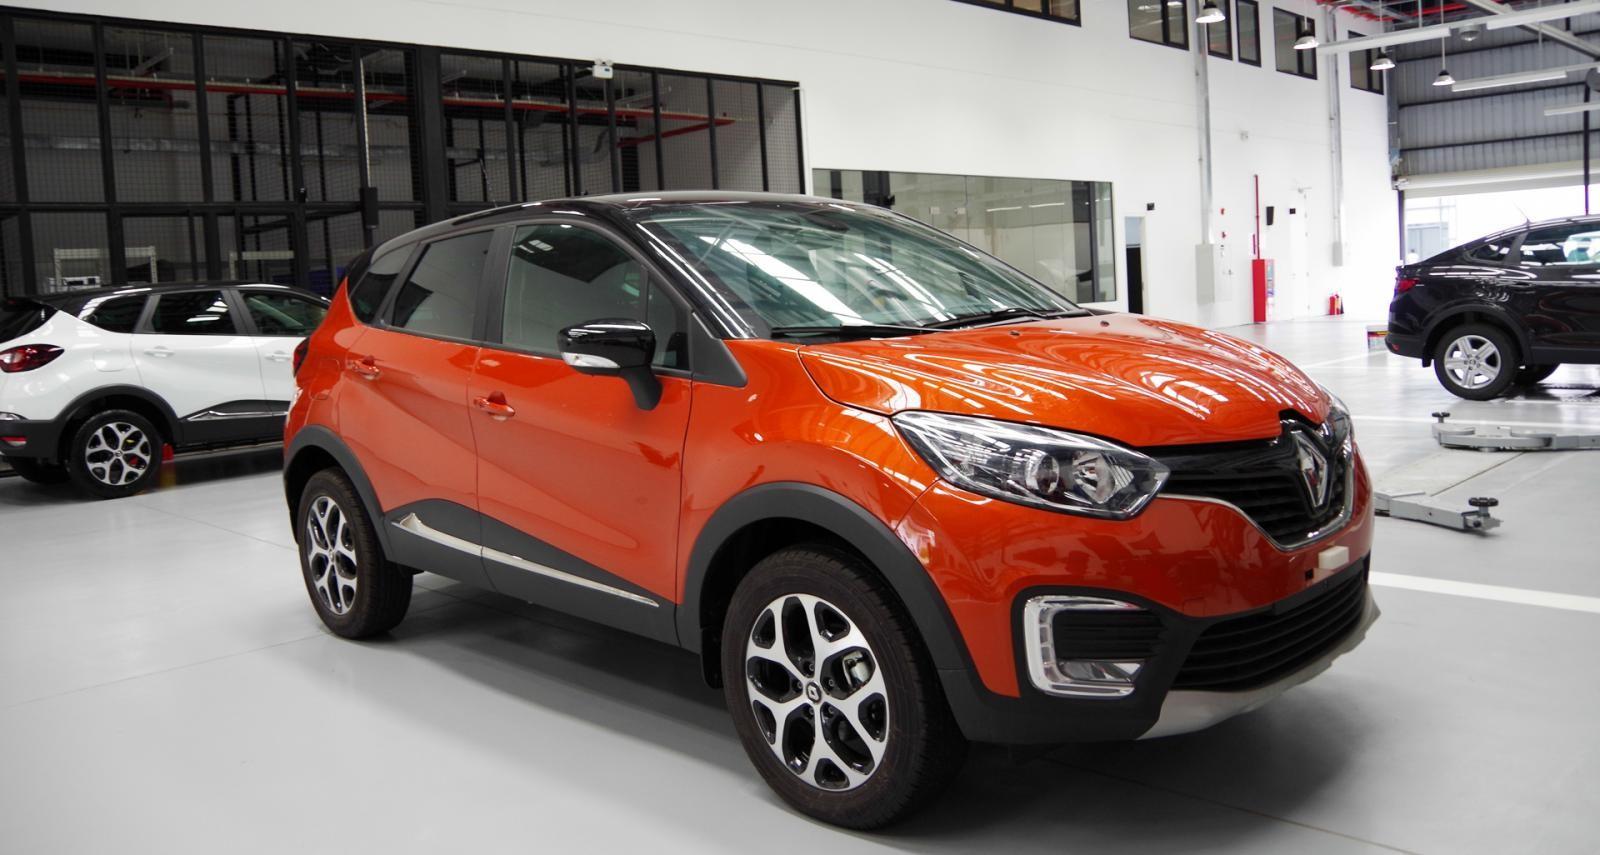 Bán Renault Kaptur nhập Nga nguyên chiếc, giao xe ngay